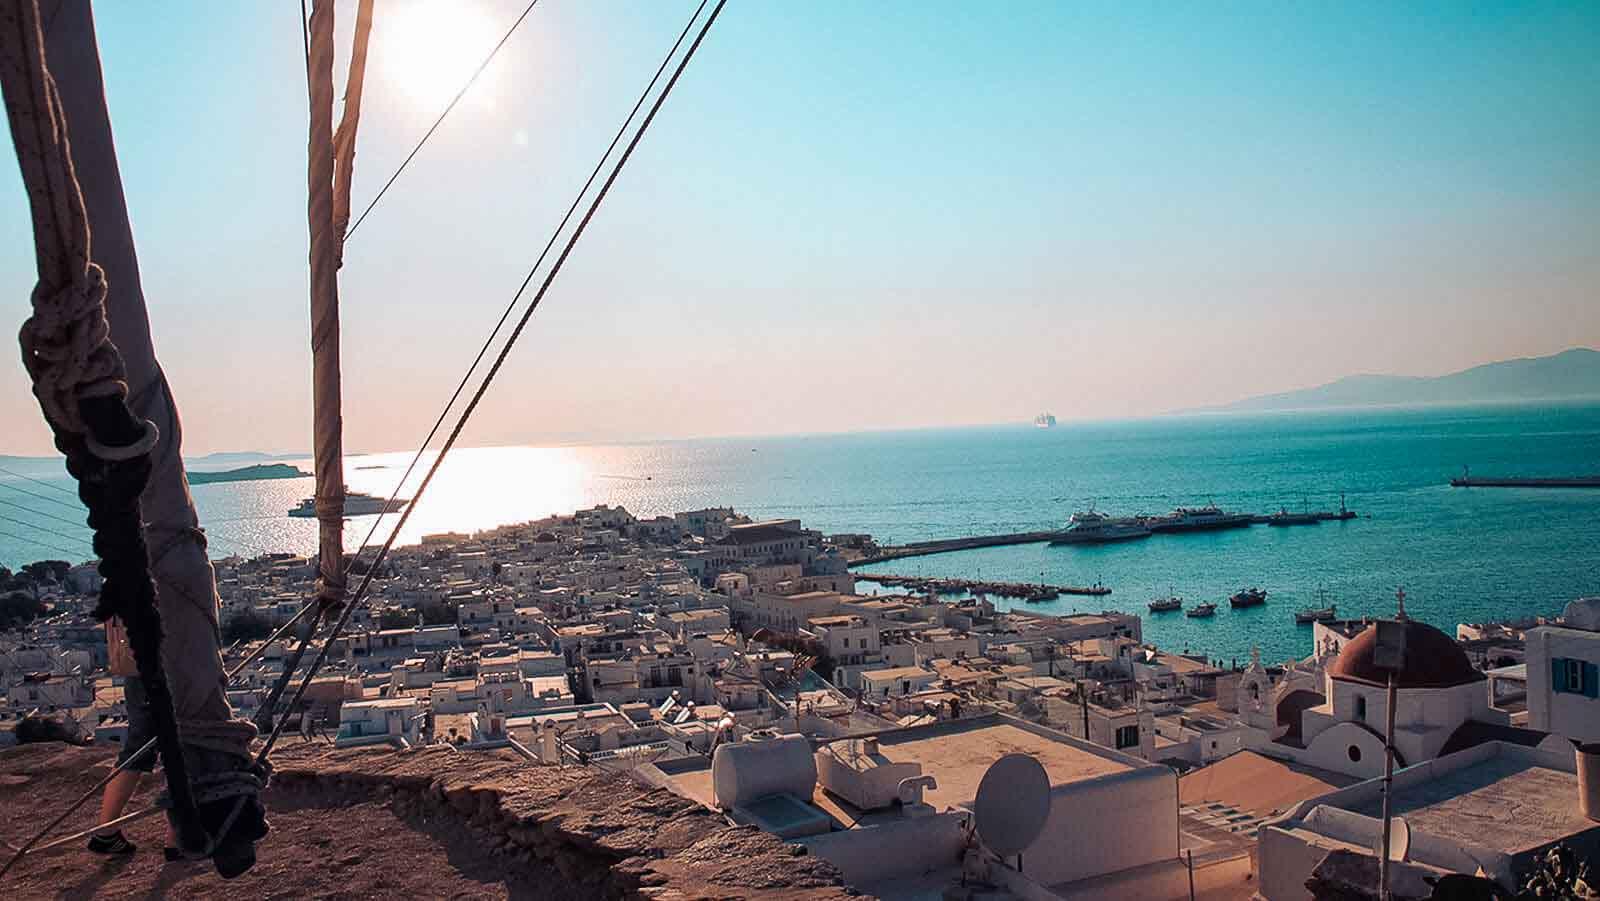 Traumhafte Aussicht über griechische Hafenstadt